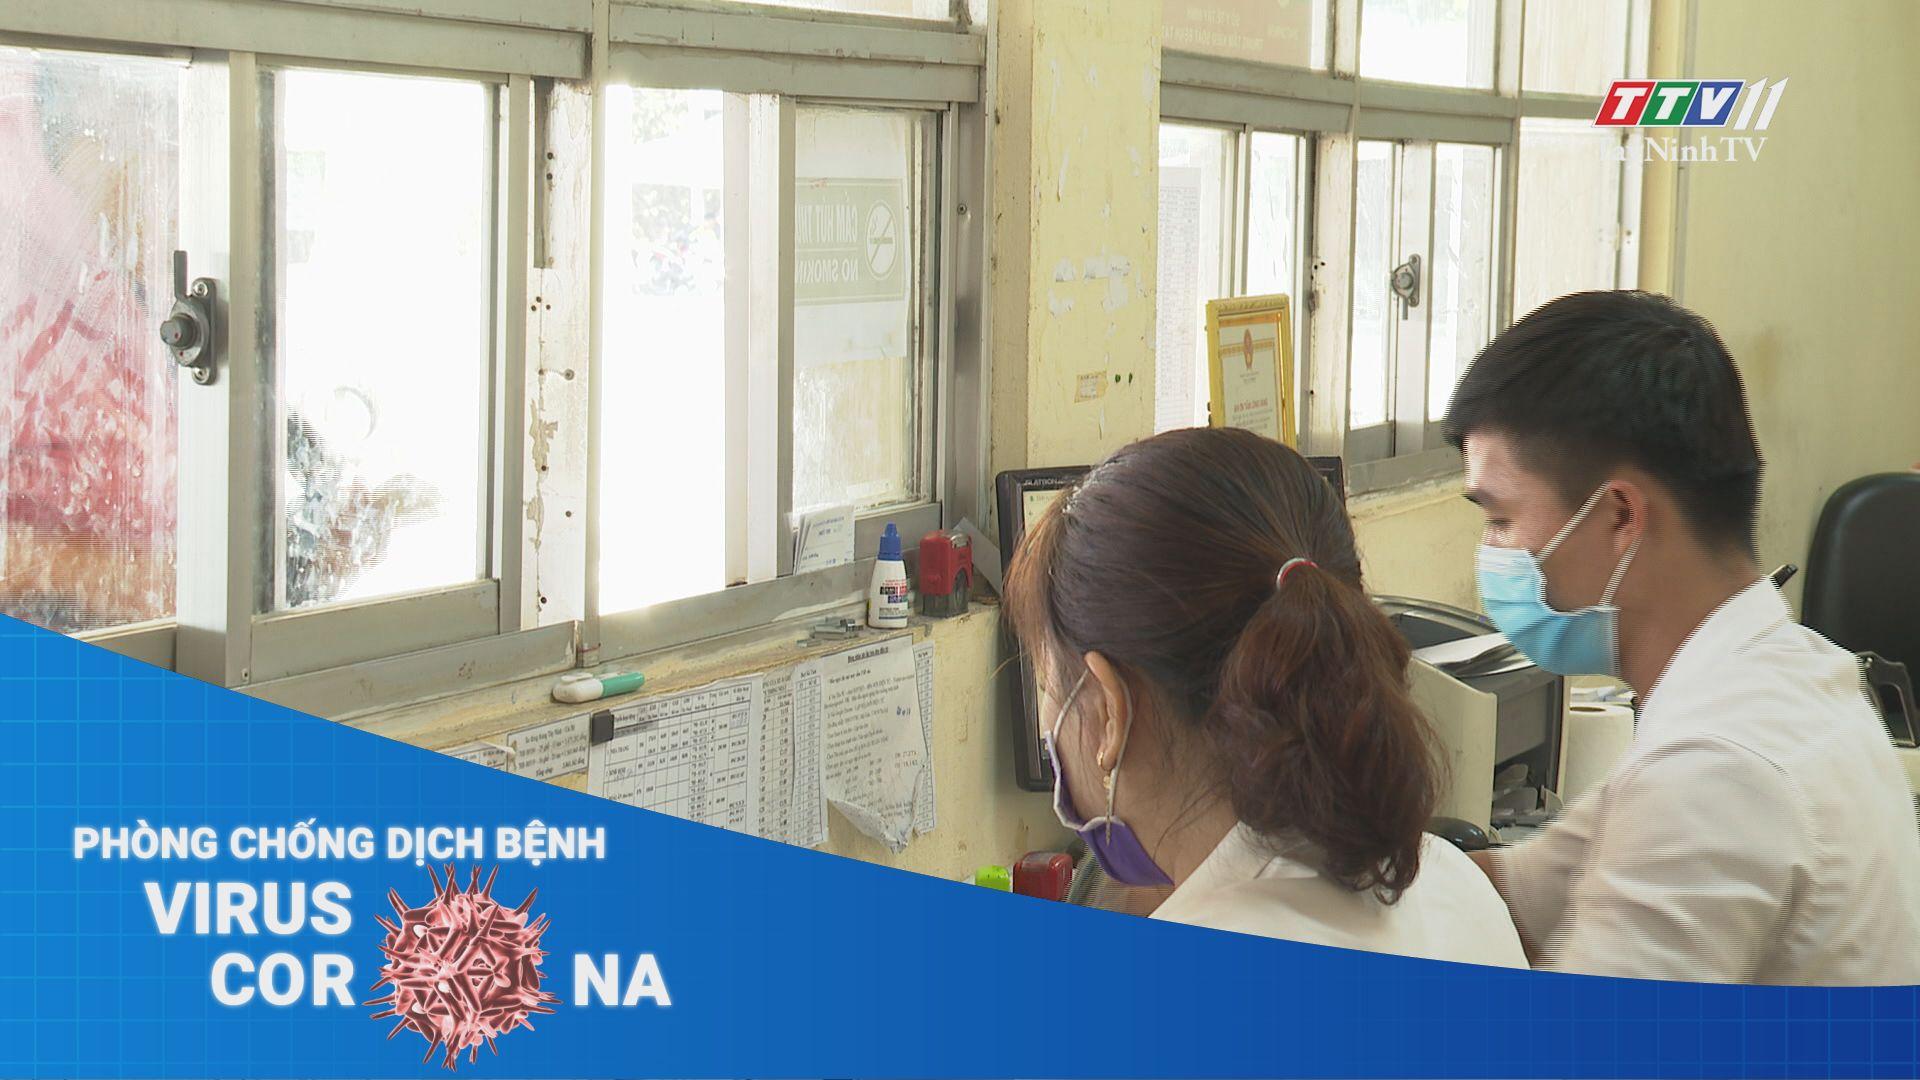 Đeo khẩu trang đúng cách để phòng dịch Covid-19 | THÔNG TIN DỊCH CÚM COVID-19 | TayNinhTV